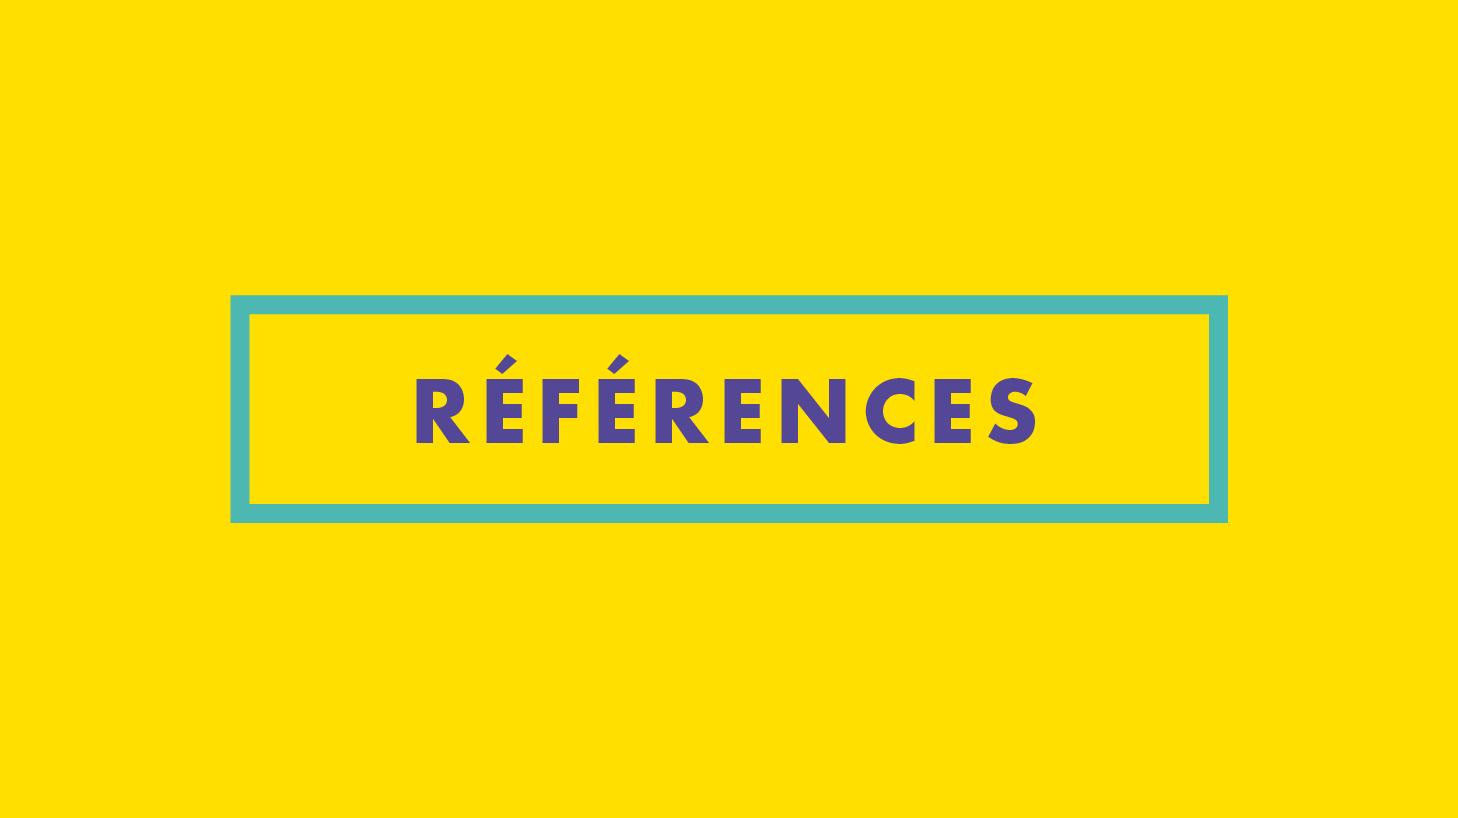 références projets fourreau & associés